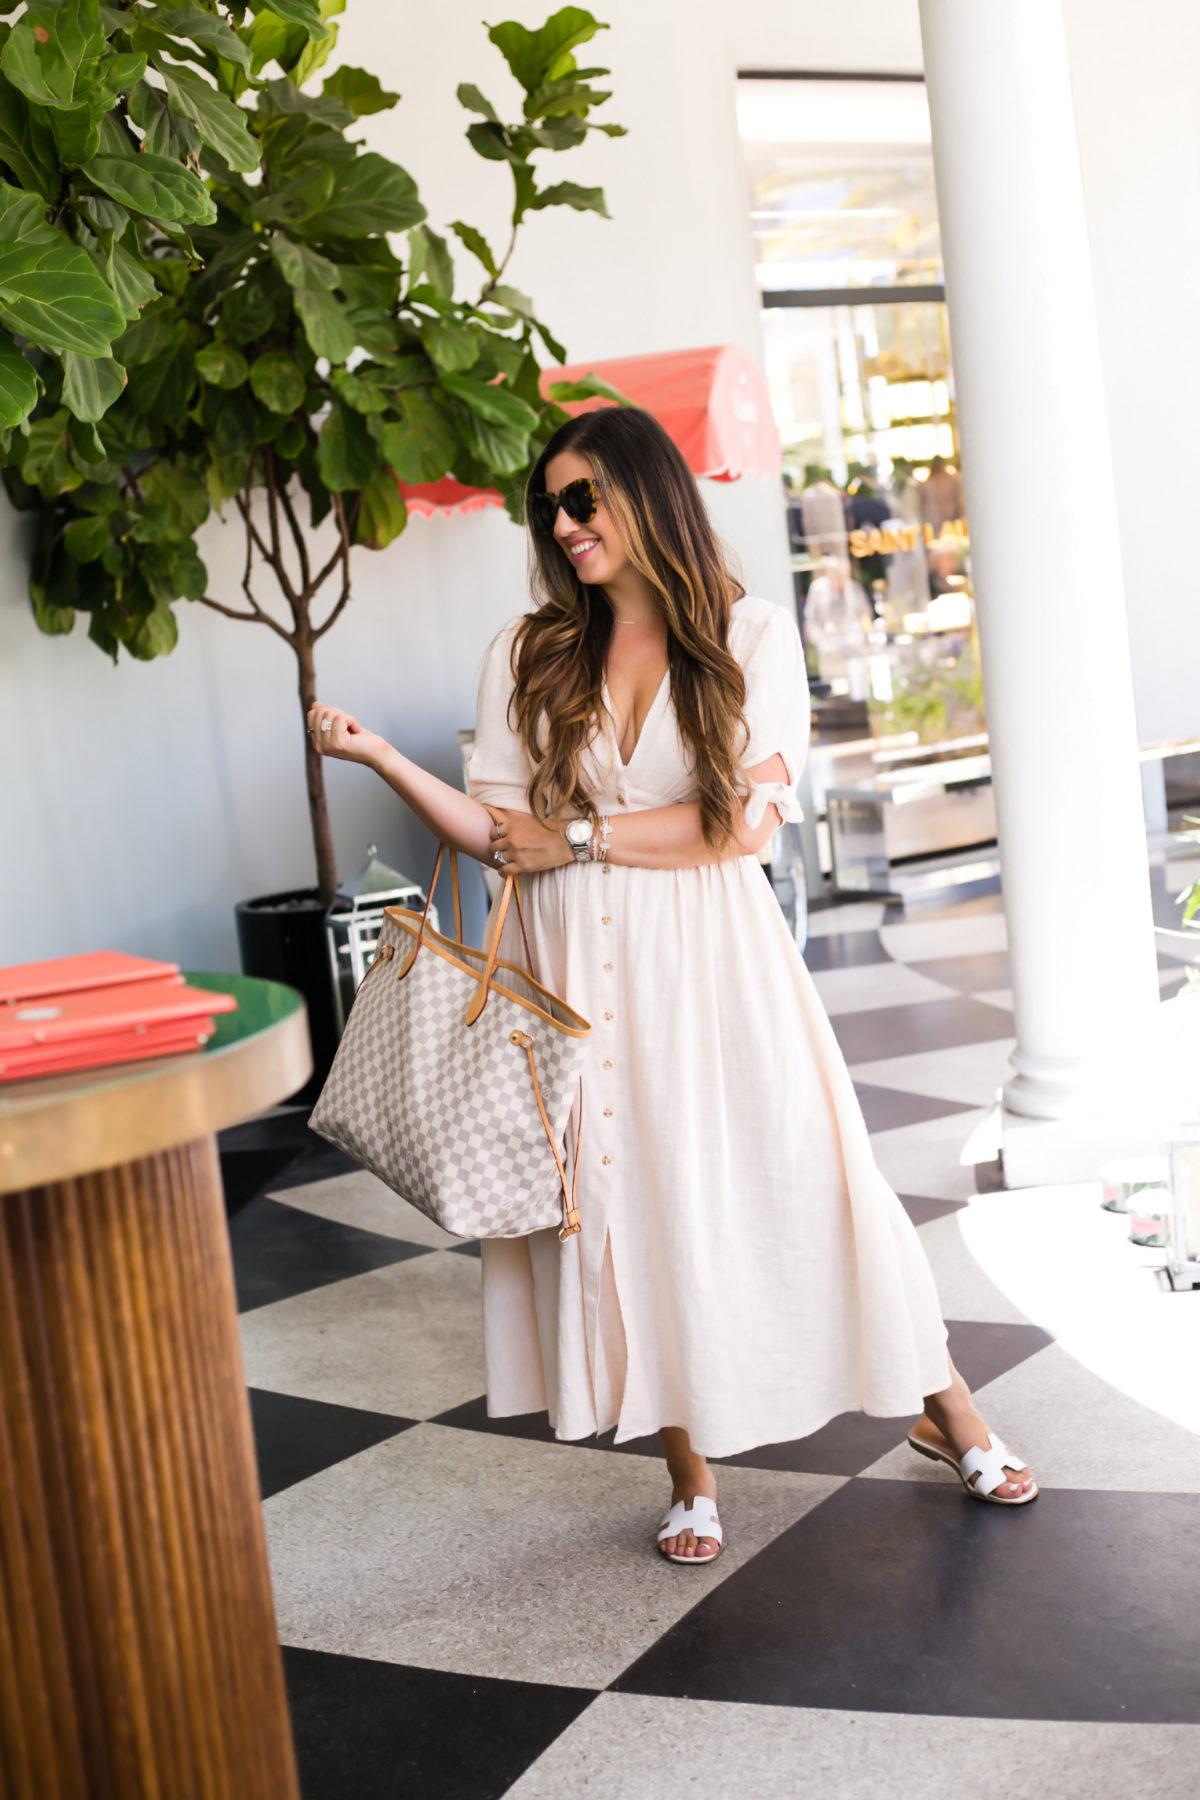 Jaime Cittadino Florida Fashion Lifestyle blogger